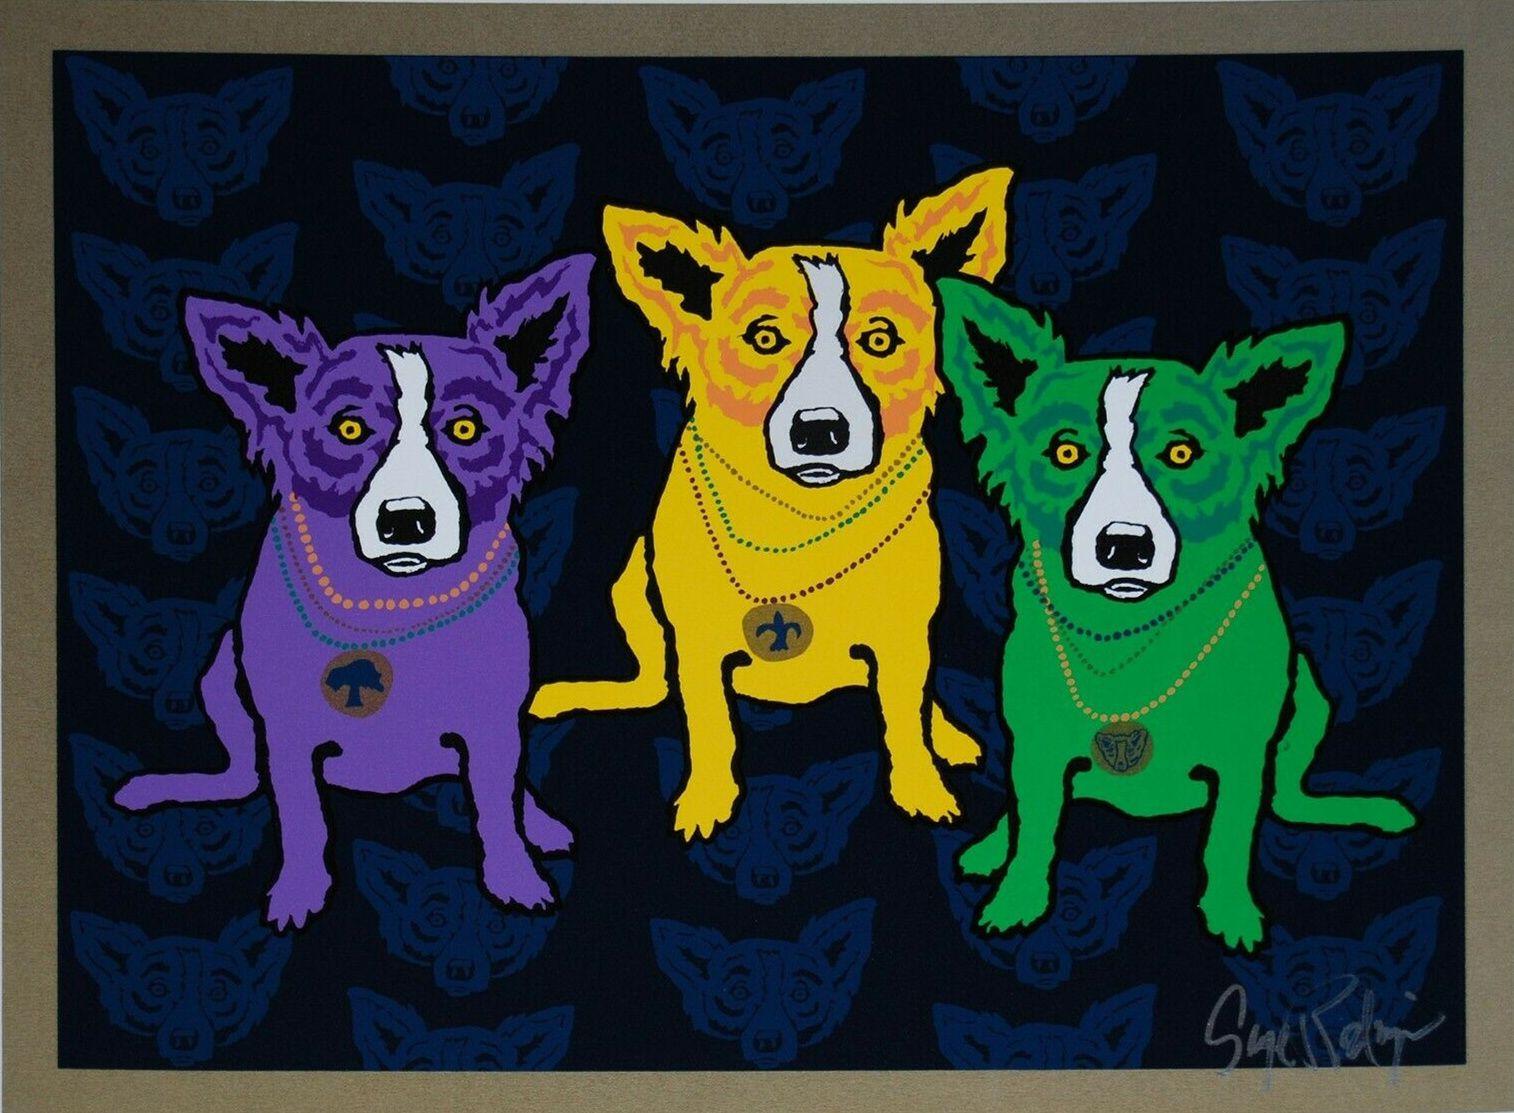 George Rodrigue Blue Dog Mardi Gras Cães Home Decor pintado à mão HD Imprimir pintura a óleo sobre tela Wall Art Pictures 200113